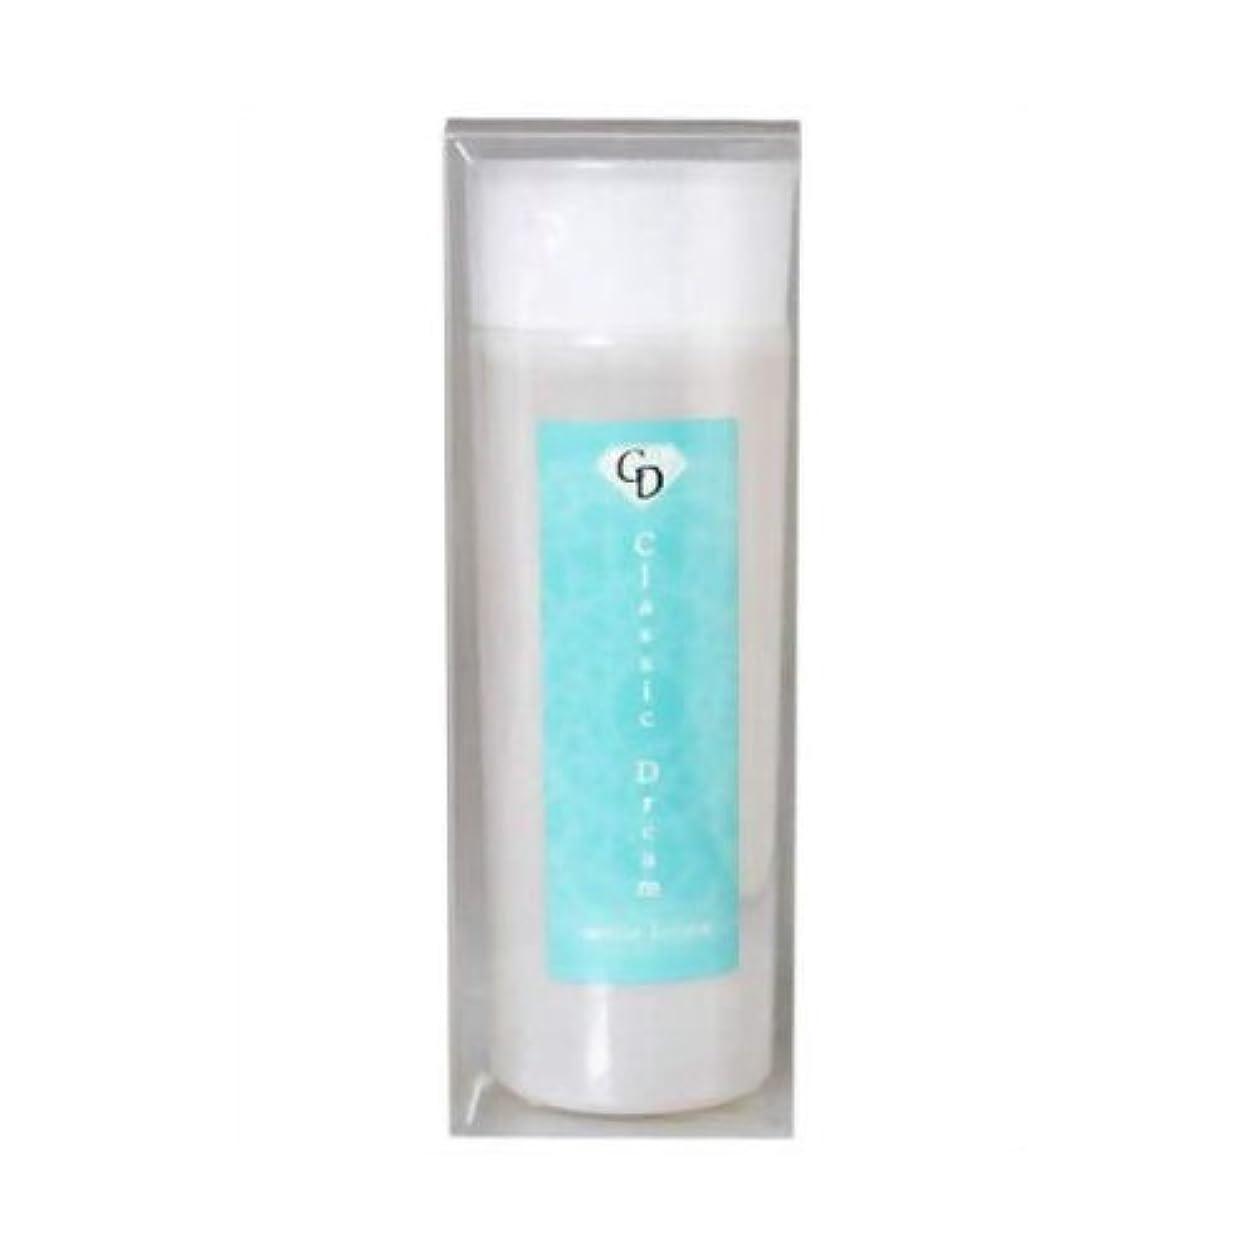 頬骨エチケット識別するトルマリン配合保湿化粧水「クラシックドリーム モイストローション 150ml」